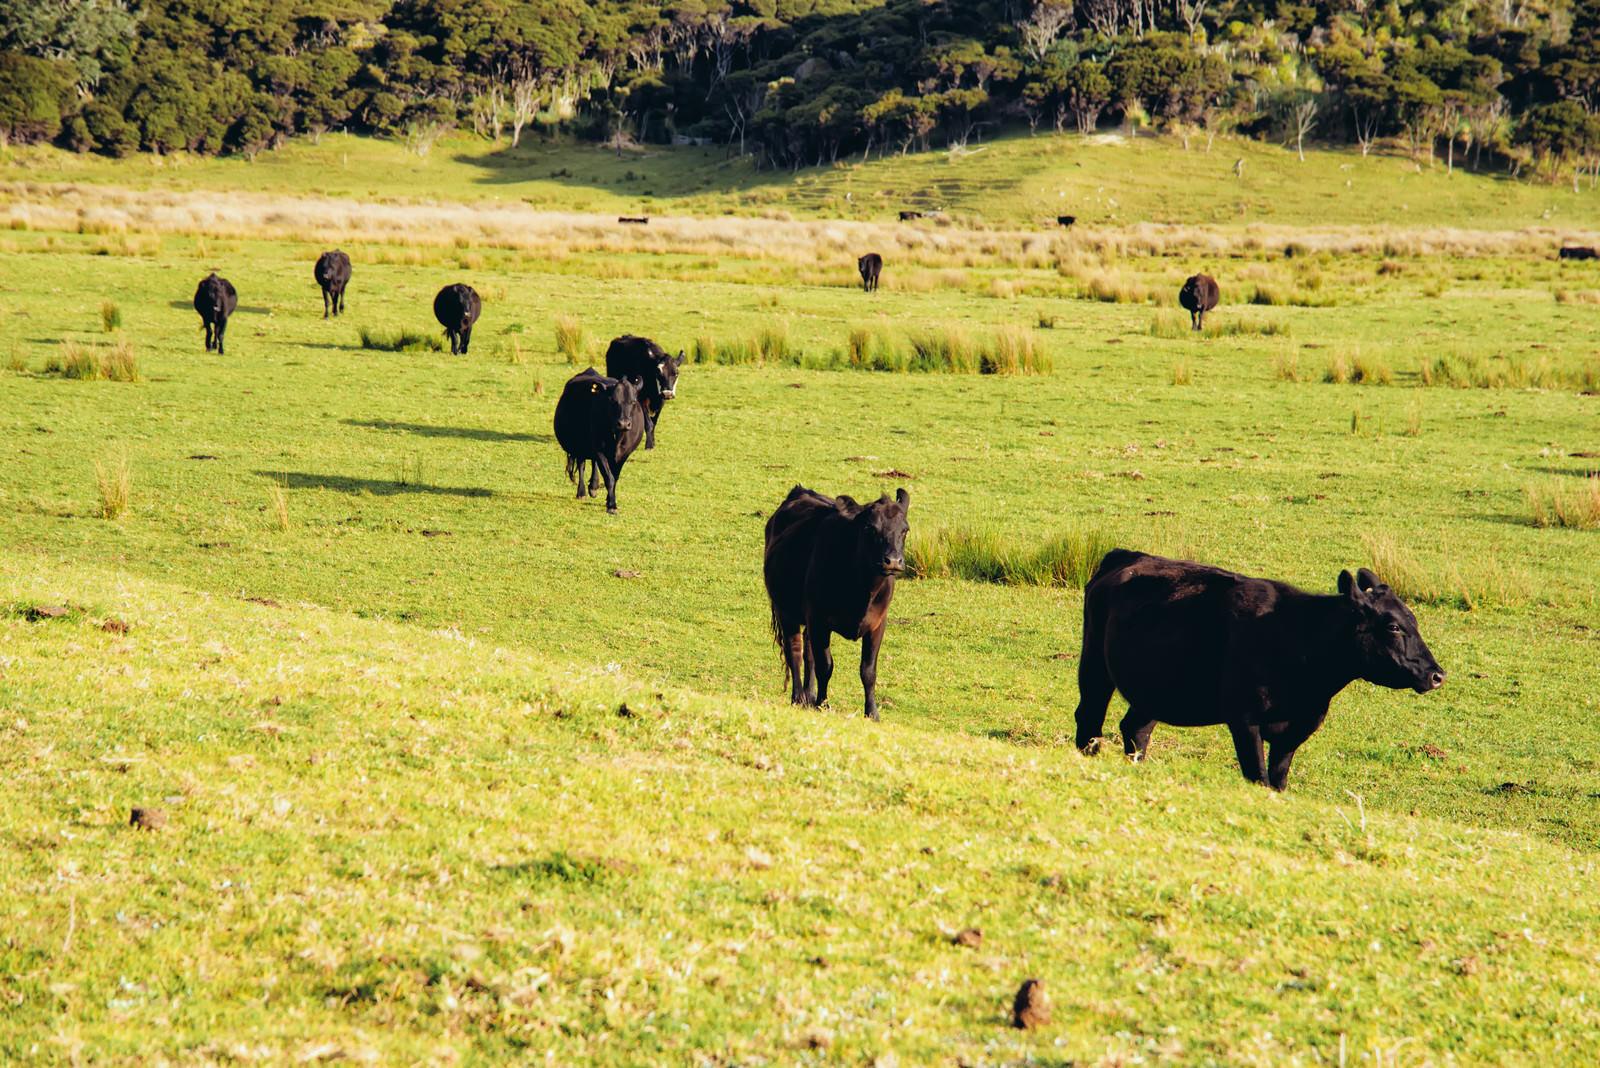 「野生の牛の群れ(ニュージーランド)」の写真